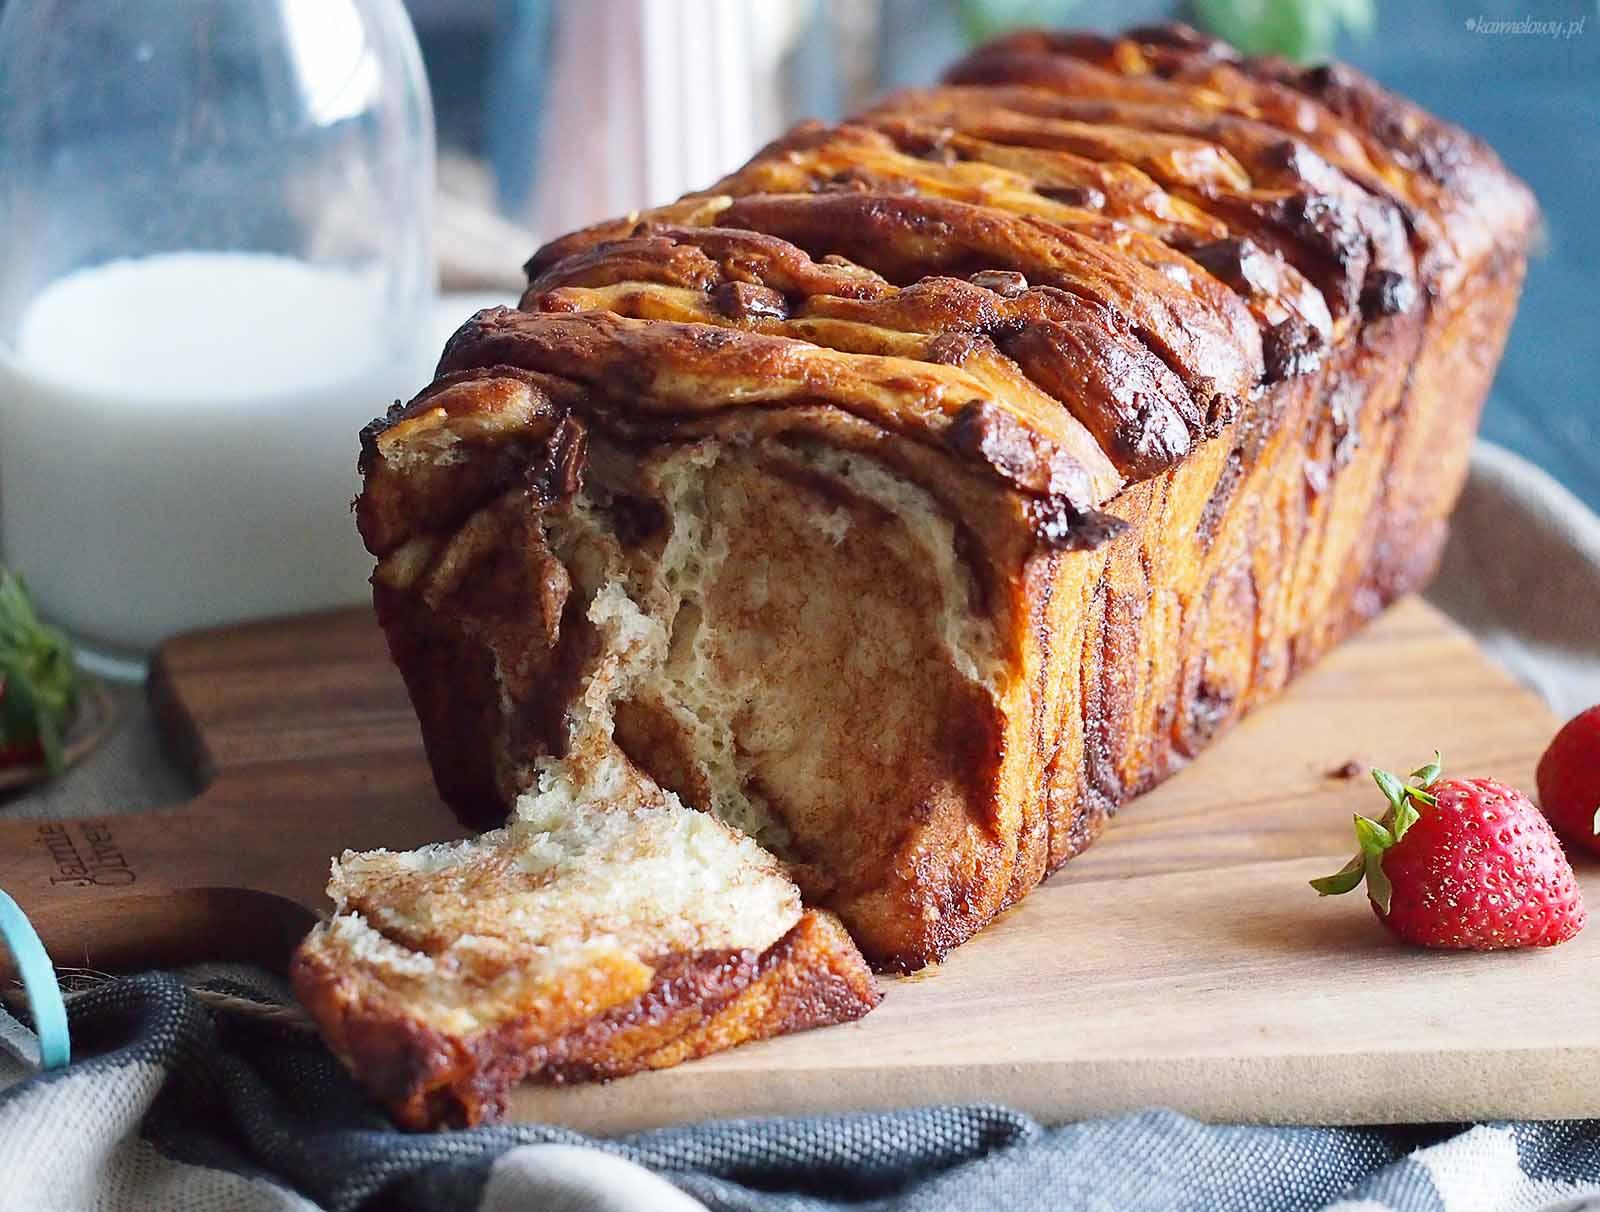 Chlebek-do-odrywania-z-czekolada-Chocolate-pull-apart-bread